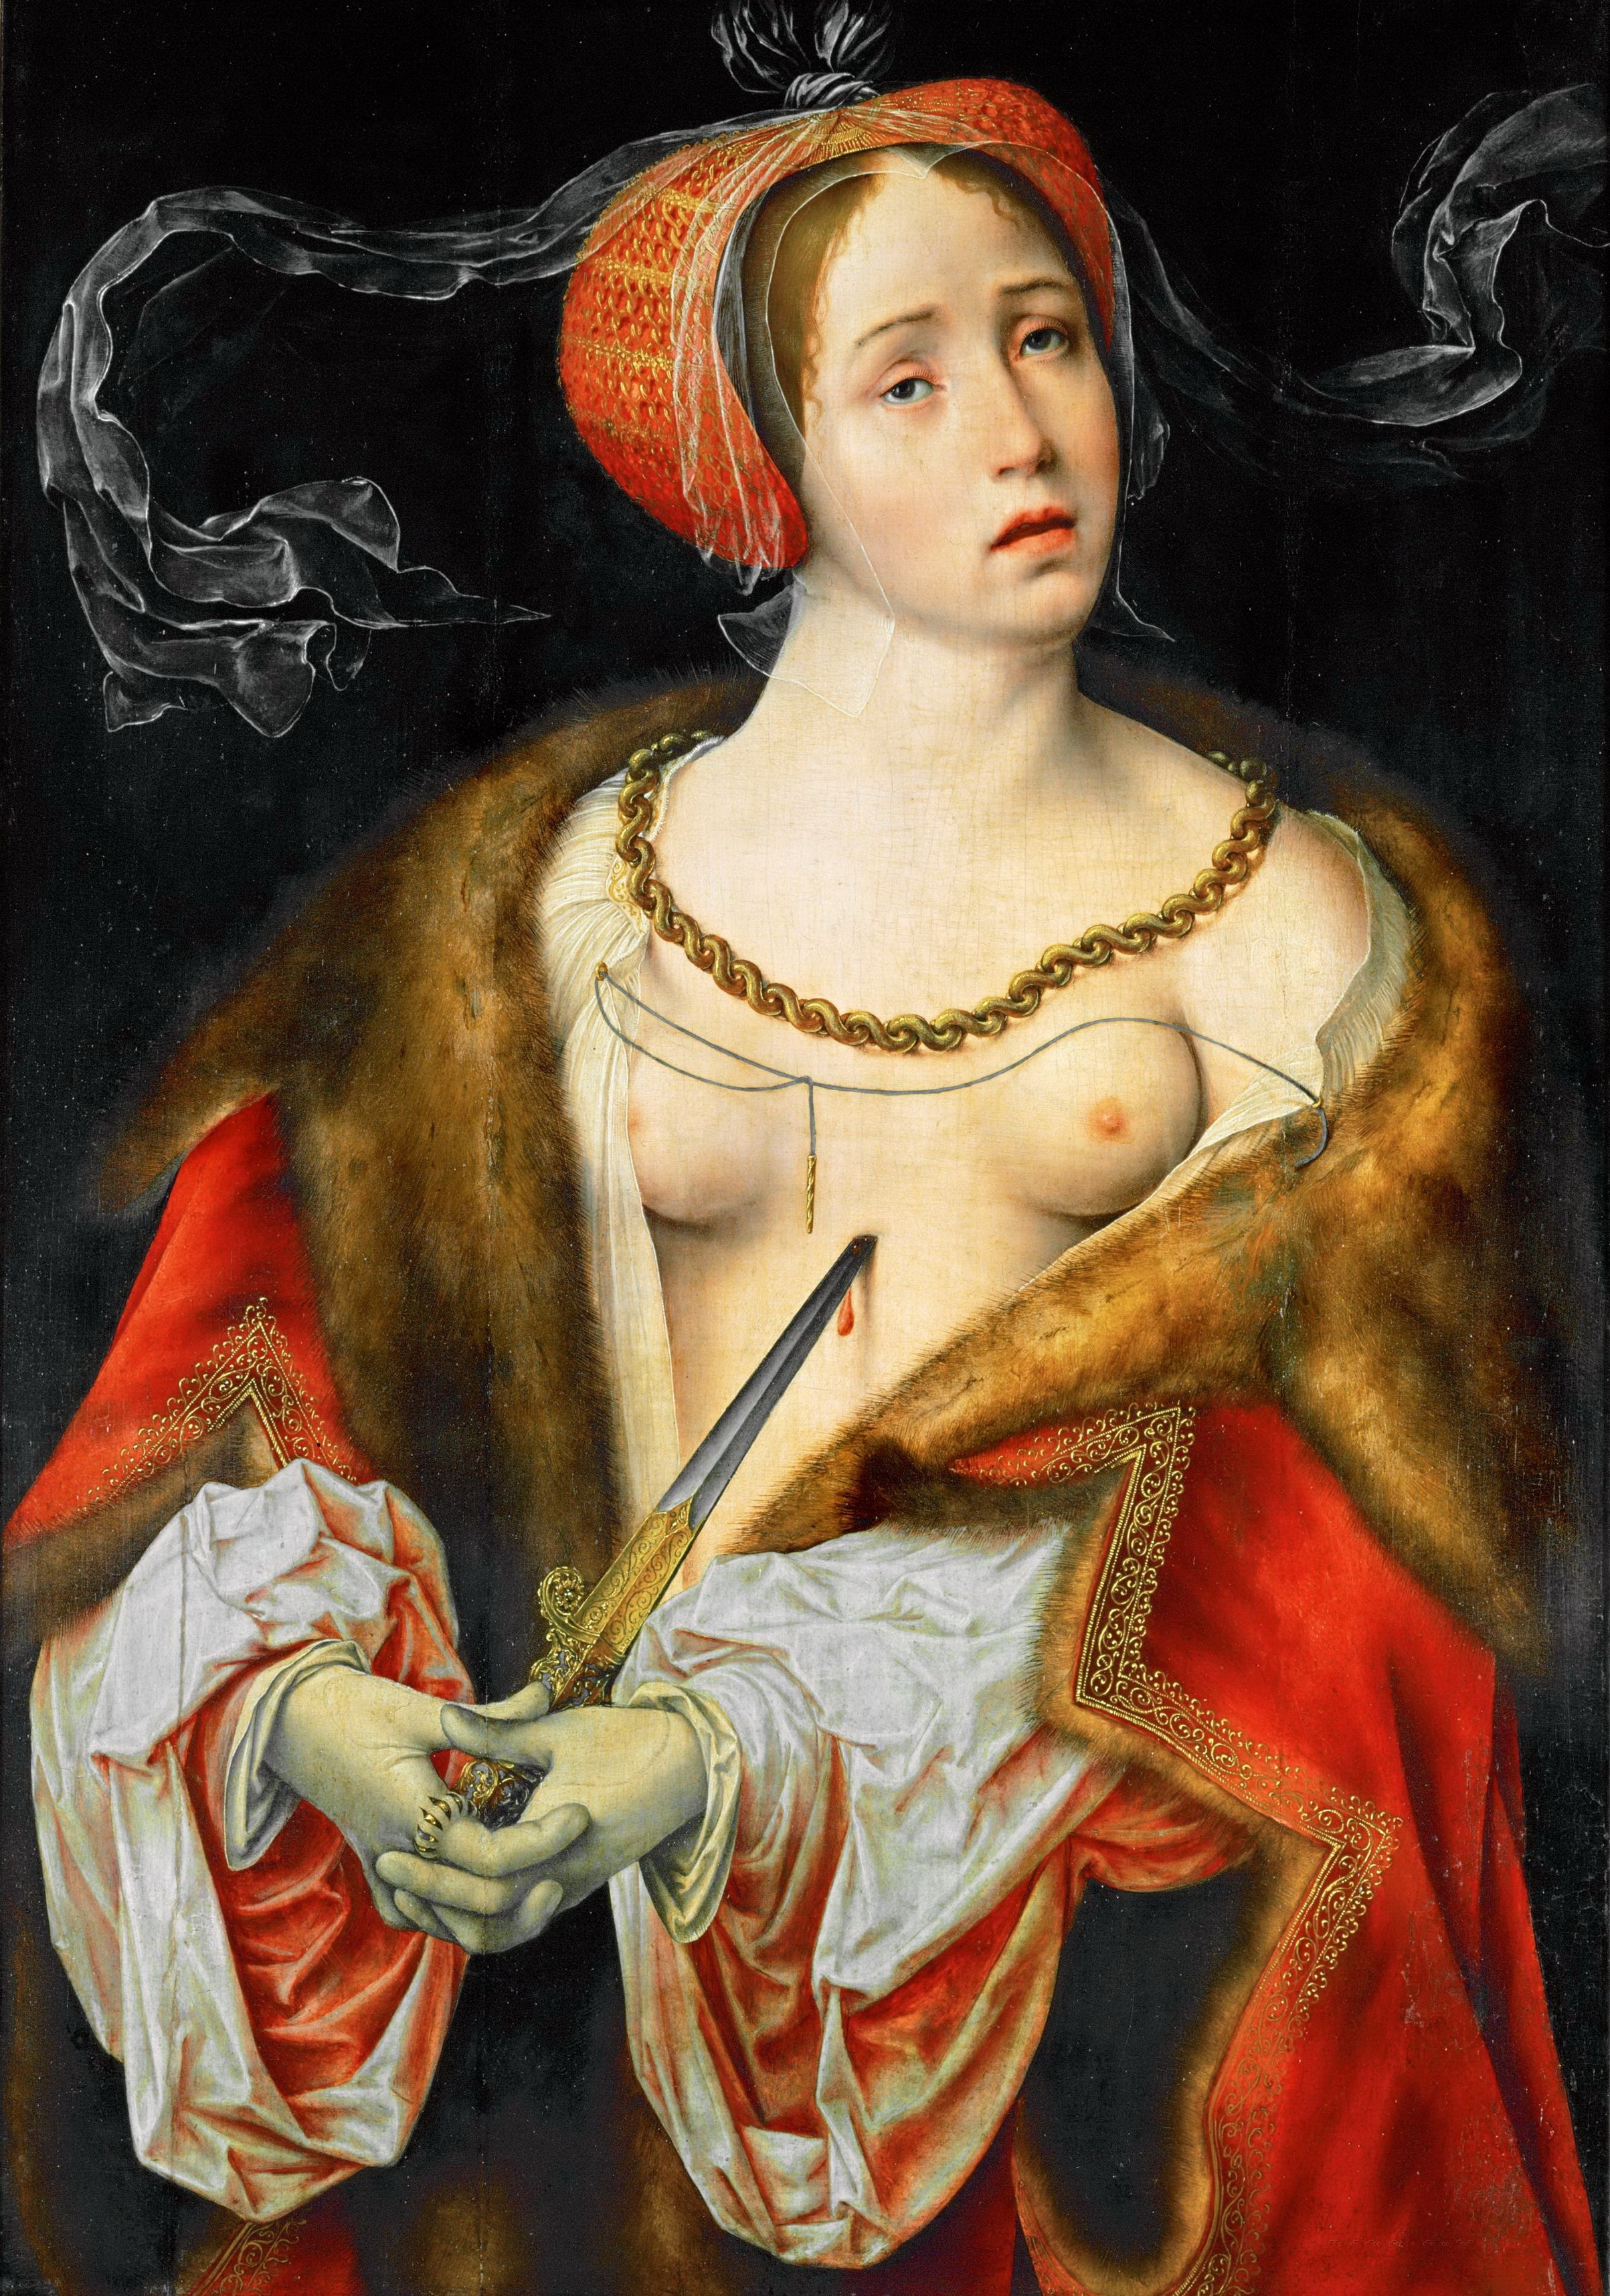 Lucretia (1520-1525) (76 x 54) (Vienna, Kunsthistorisches Museum)